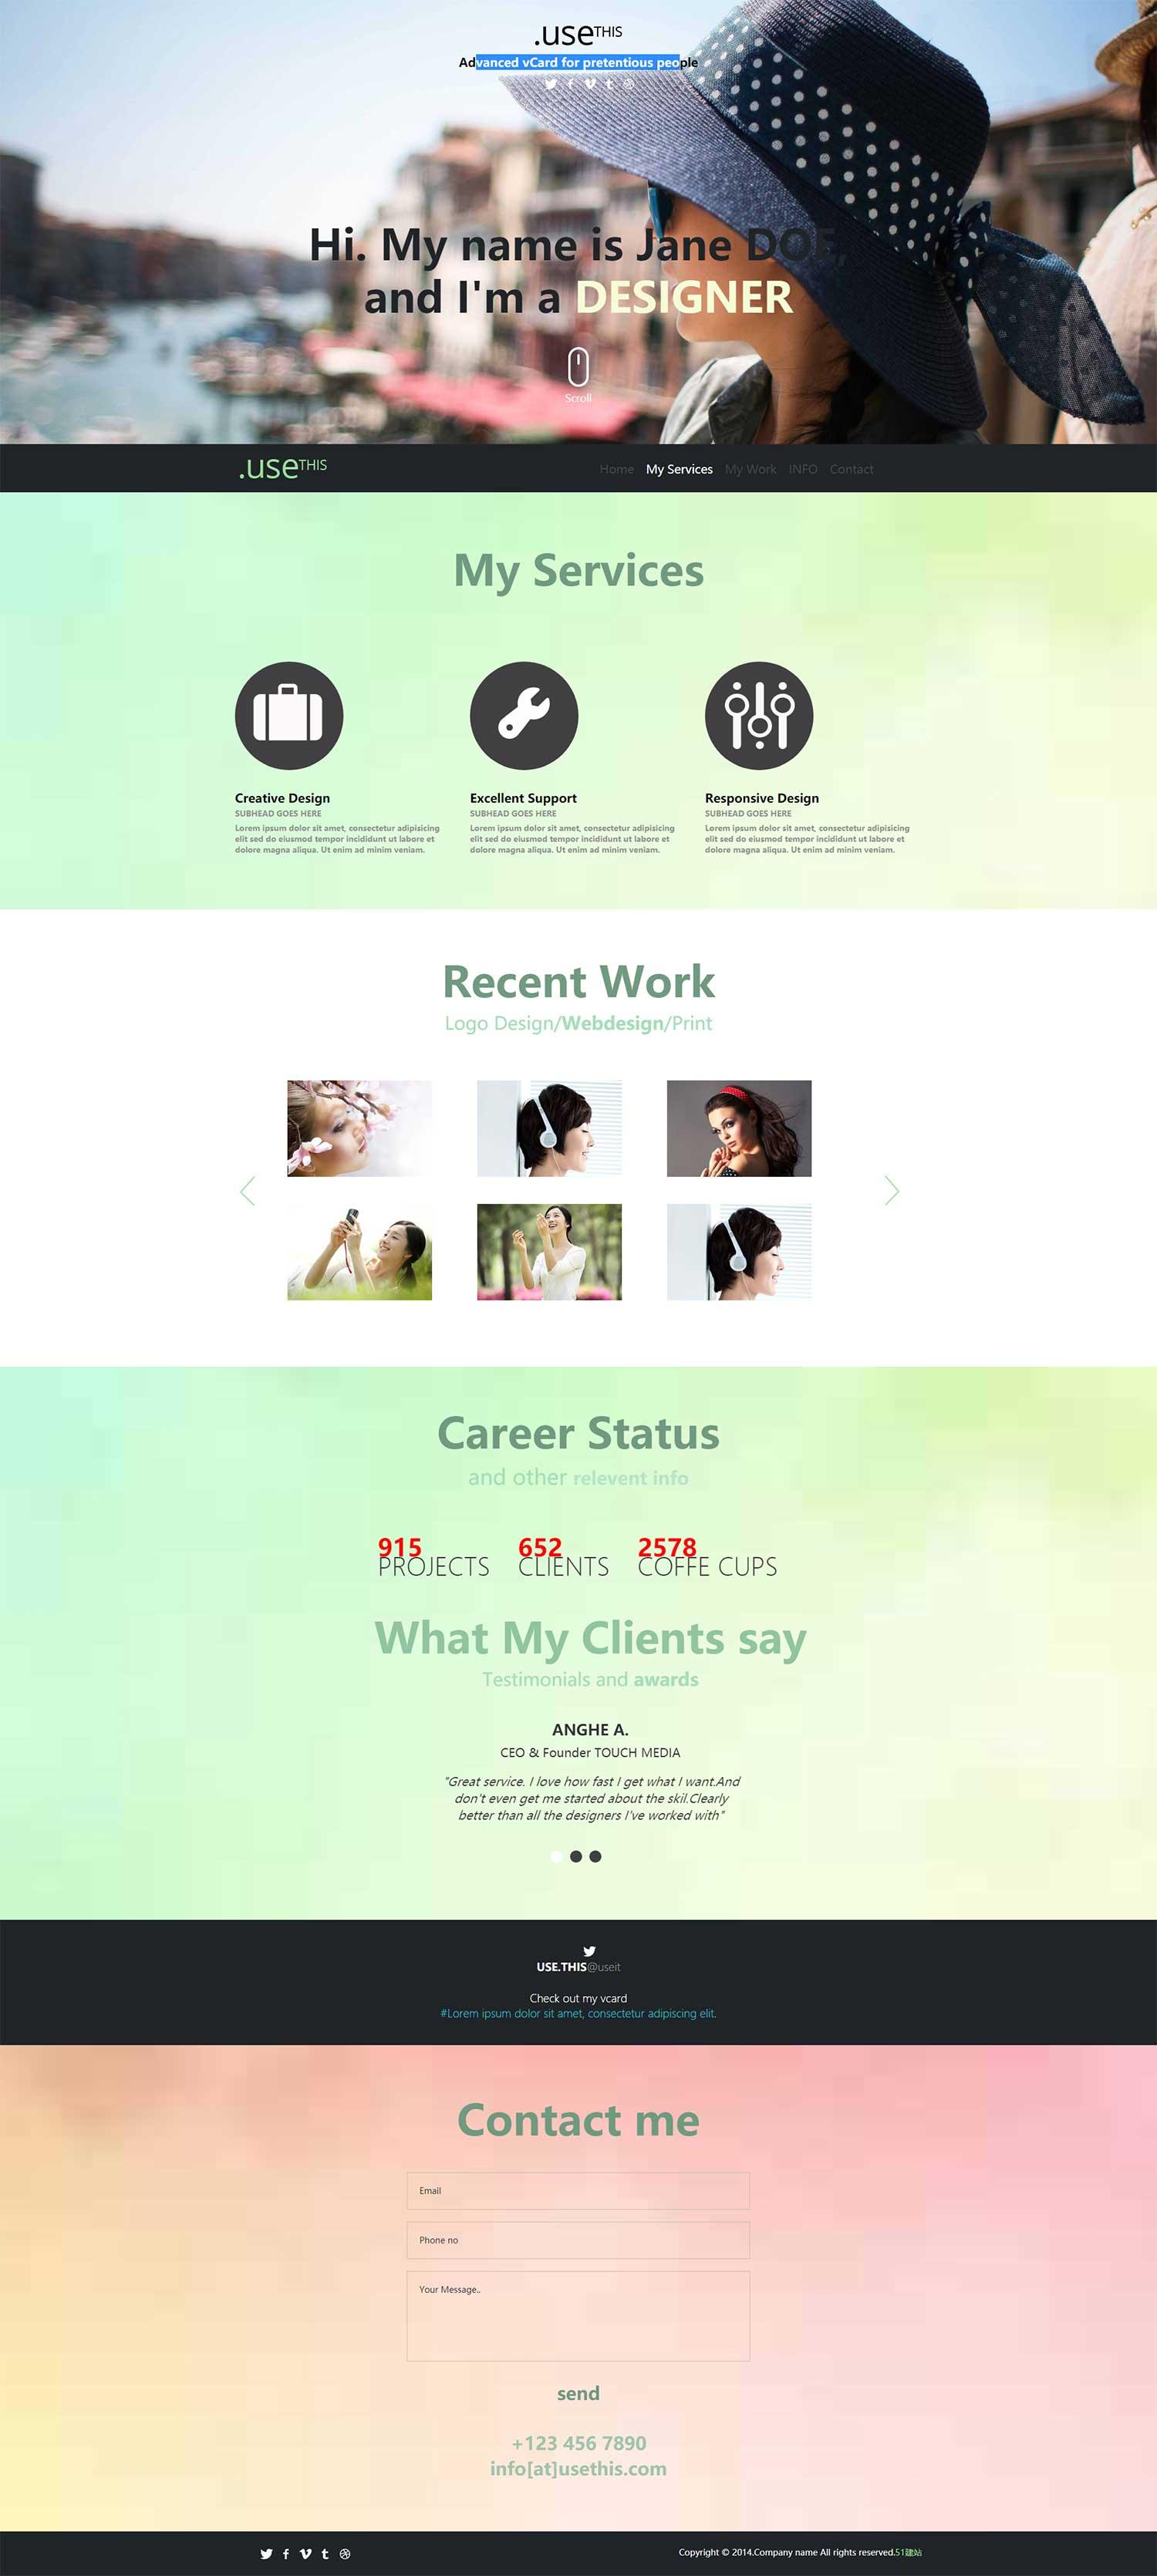 大气投资组合网站模板是一款欧美个人blog博客组合的HTML5模板